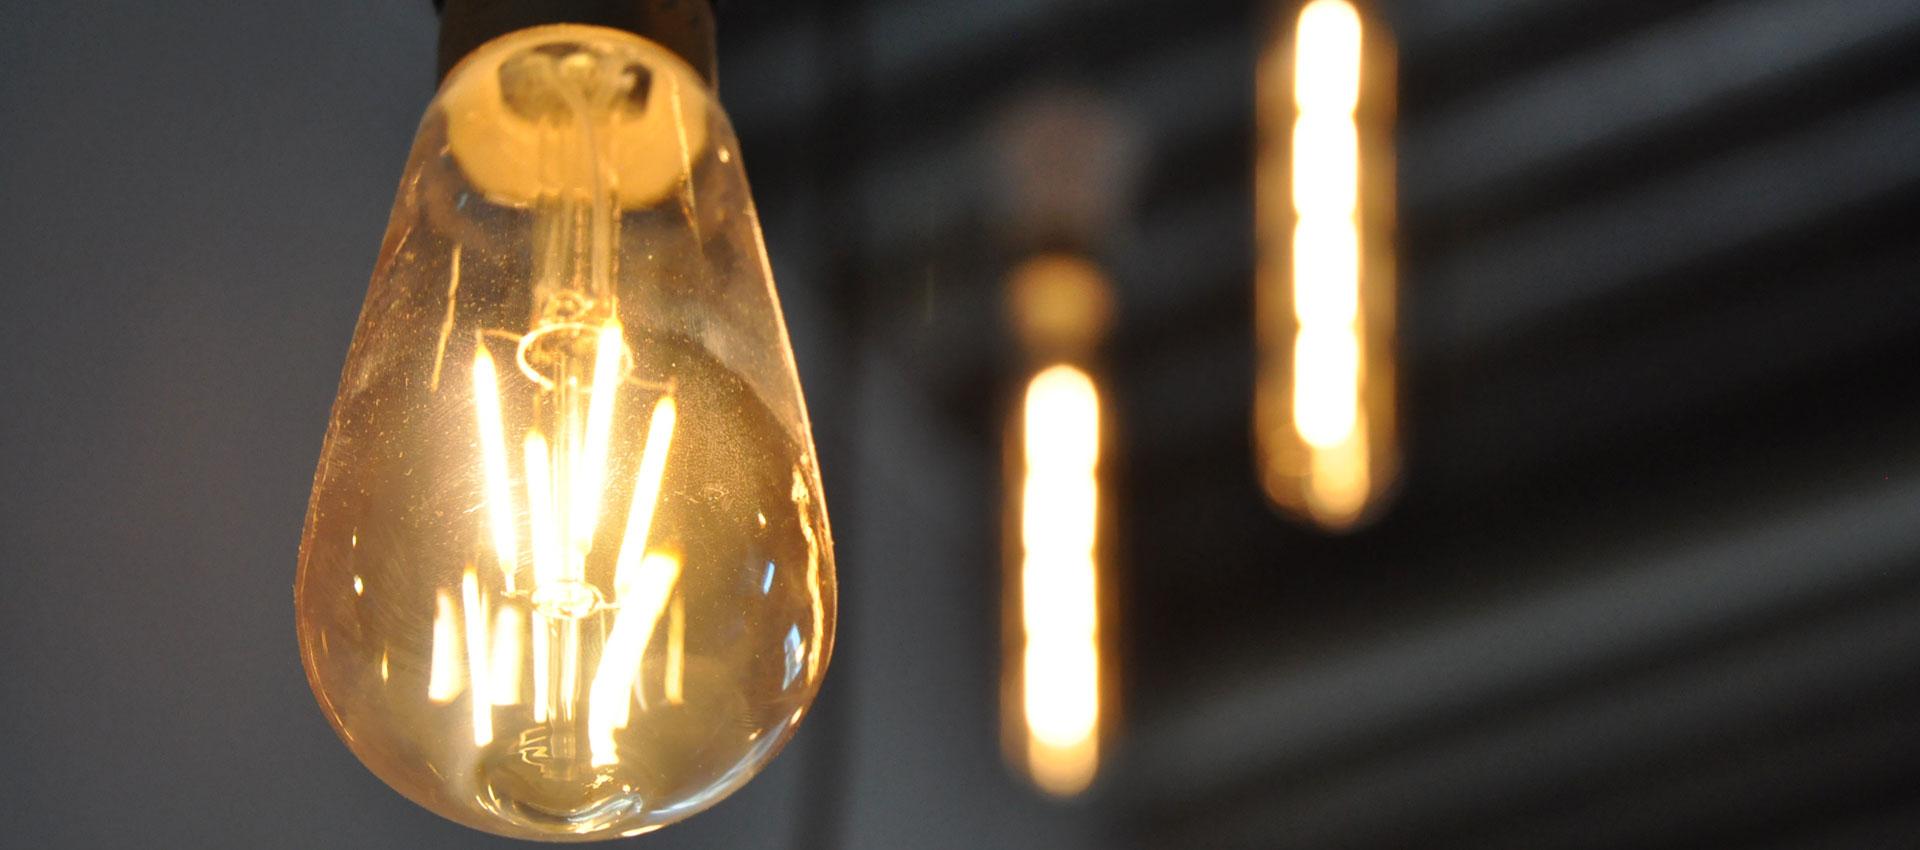 elektrotechniek groningen, elektrische installatie